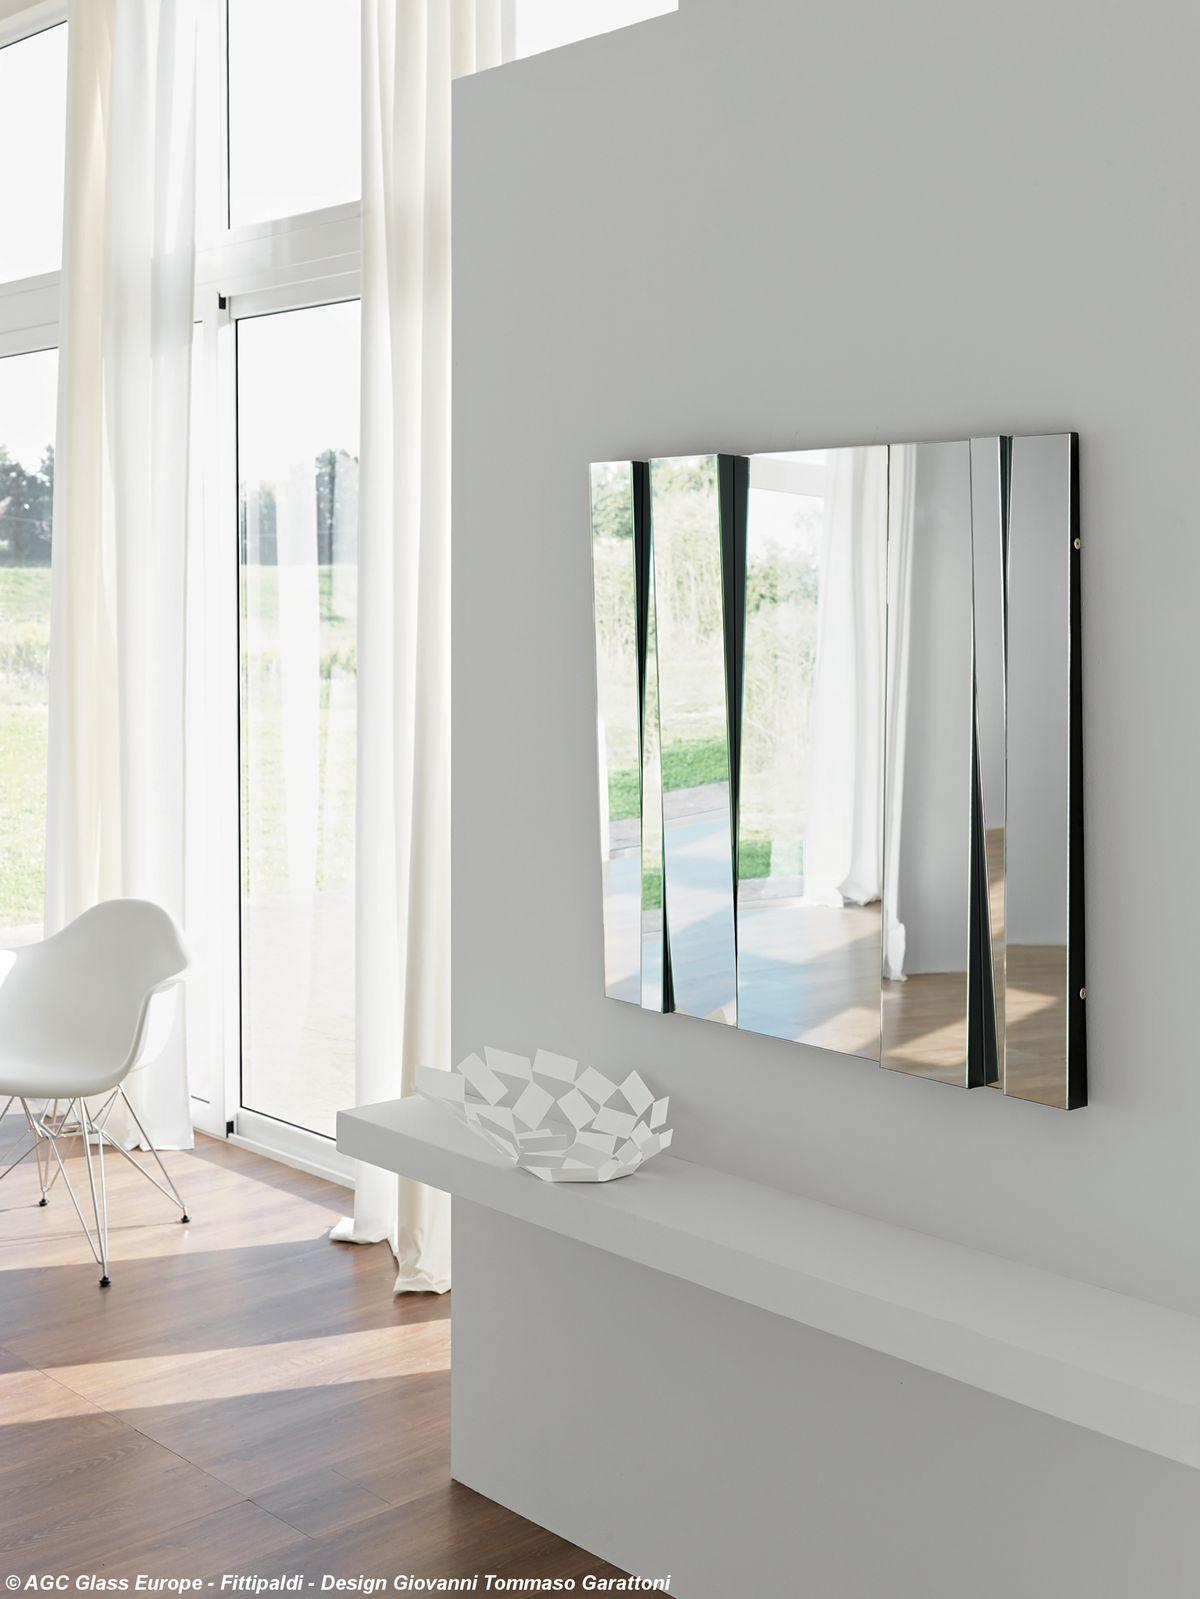 Mirror FITTIPALDI, design Giovanni Tommaso Garattoni